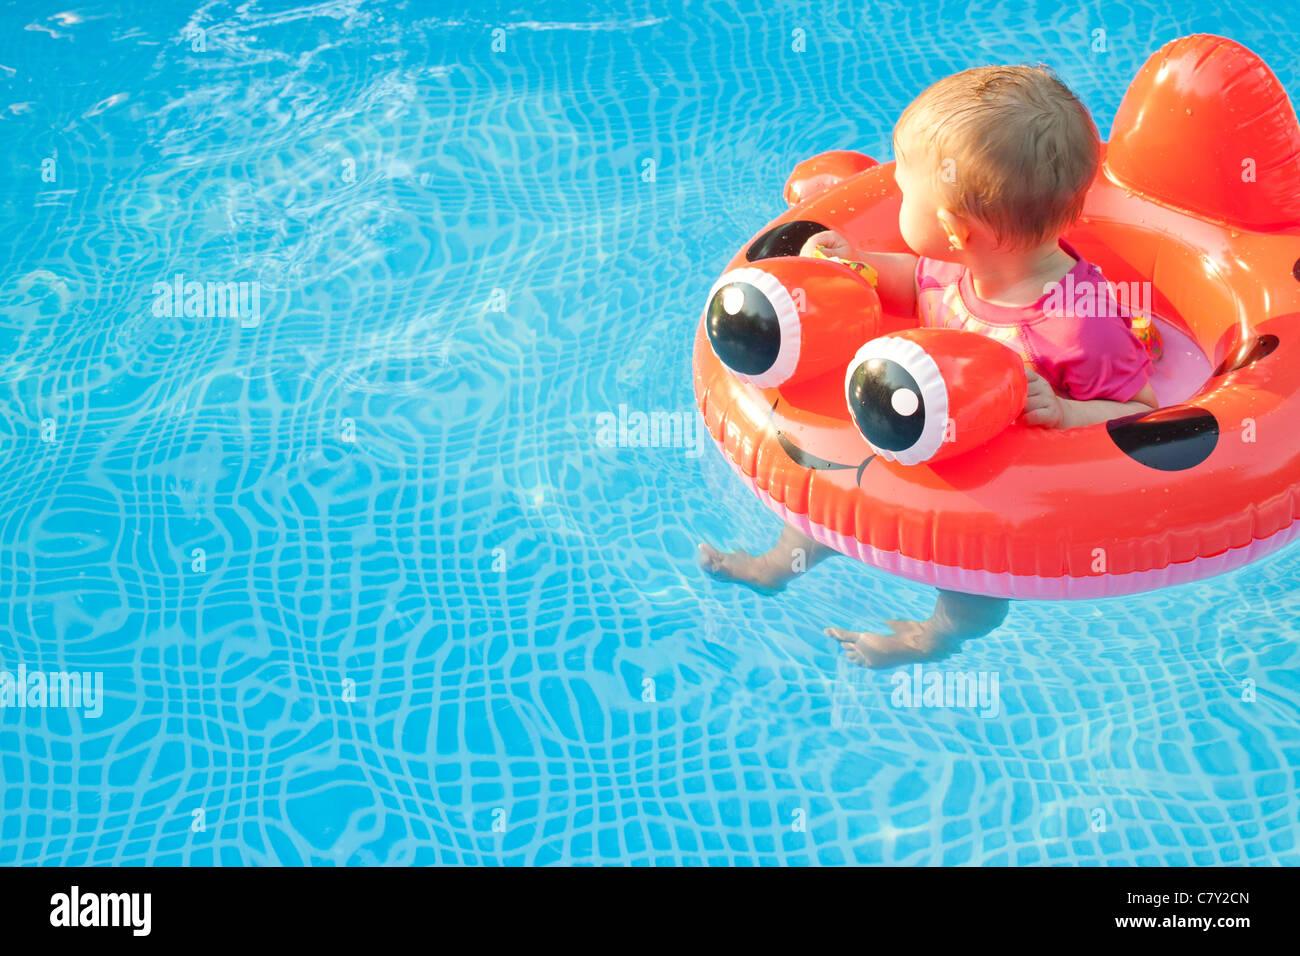 Kleines Kind im Floating Gerät wegsehen schwebt in einem Pool allein Stockbild